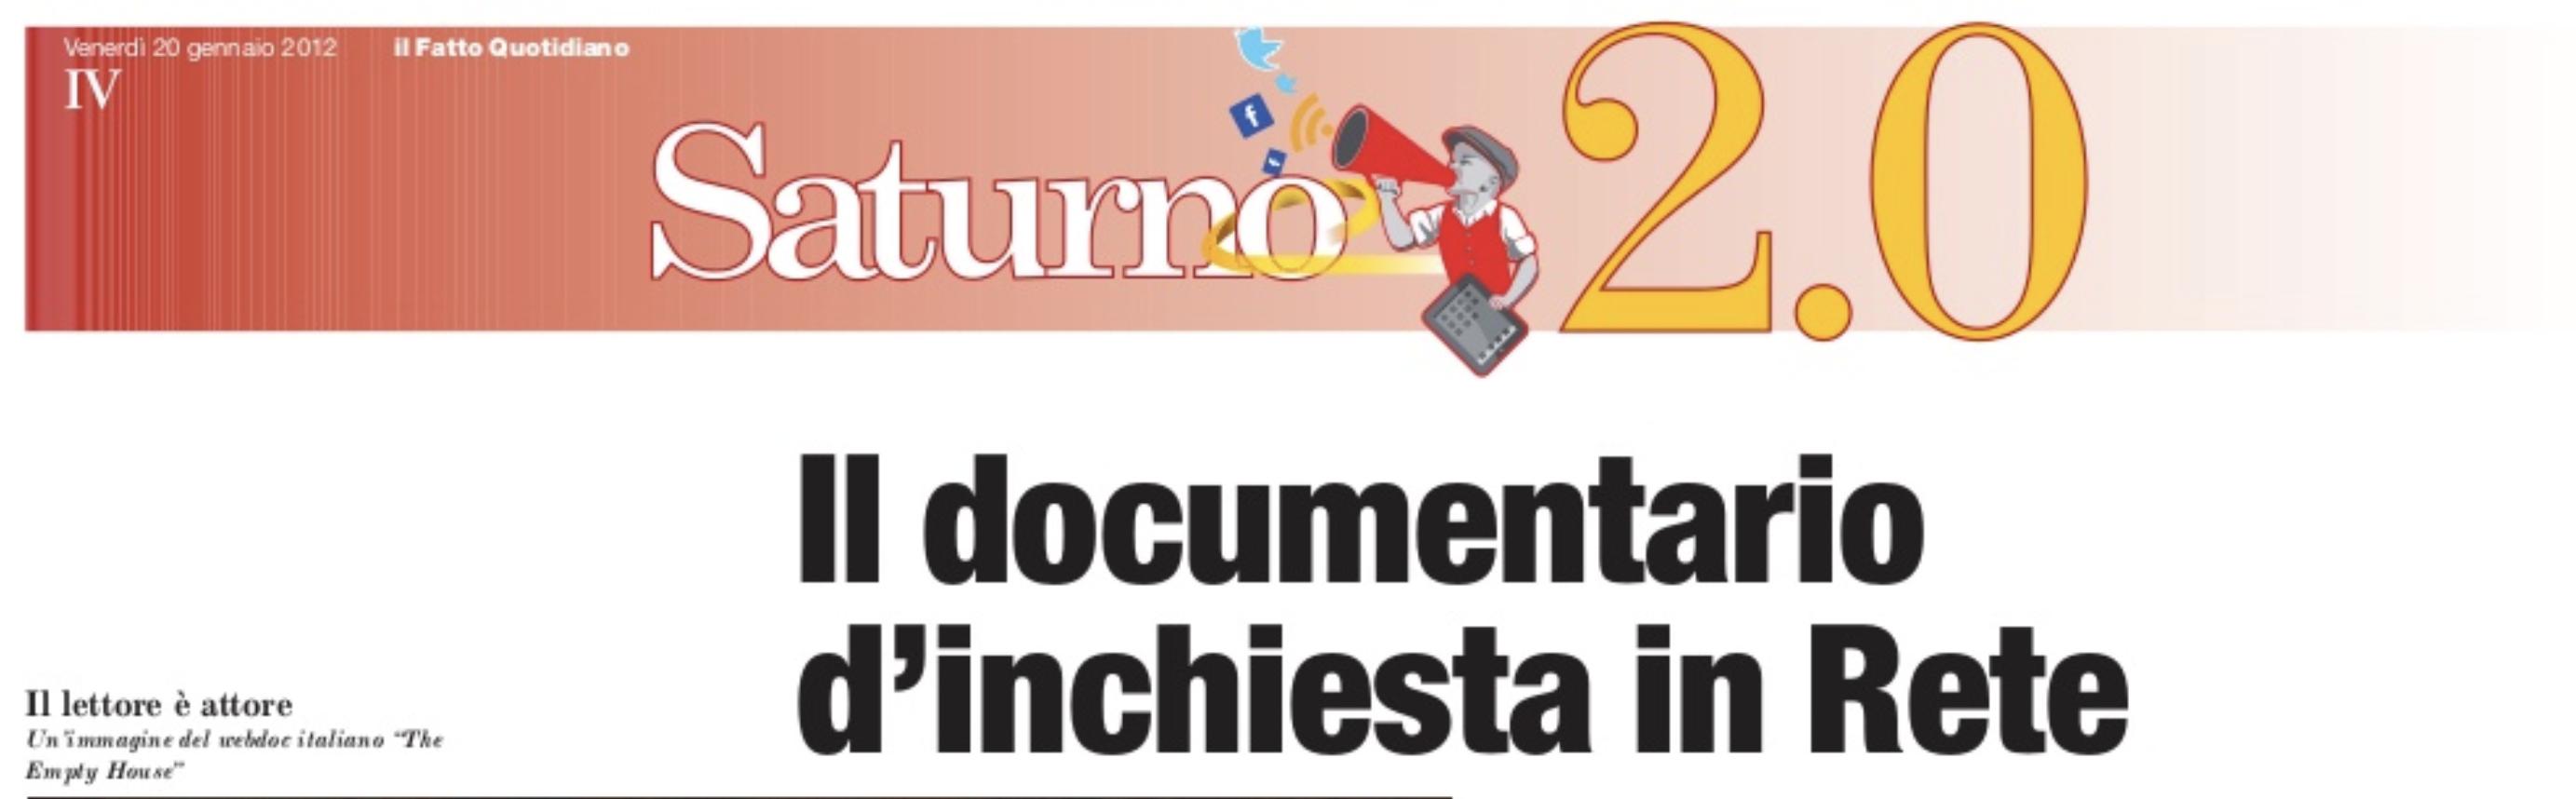 Libri gratis su Twitter – Il Fatto Quotidiano (Gennaio 2012)